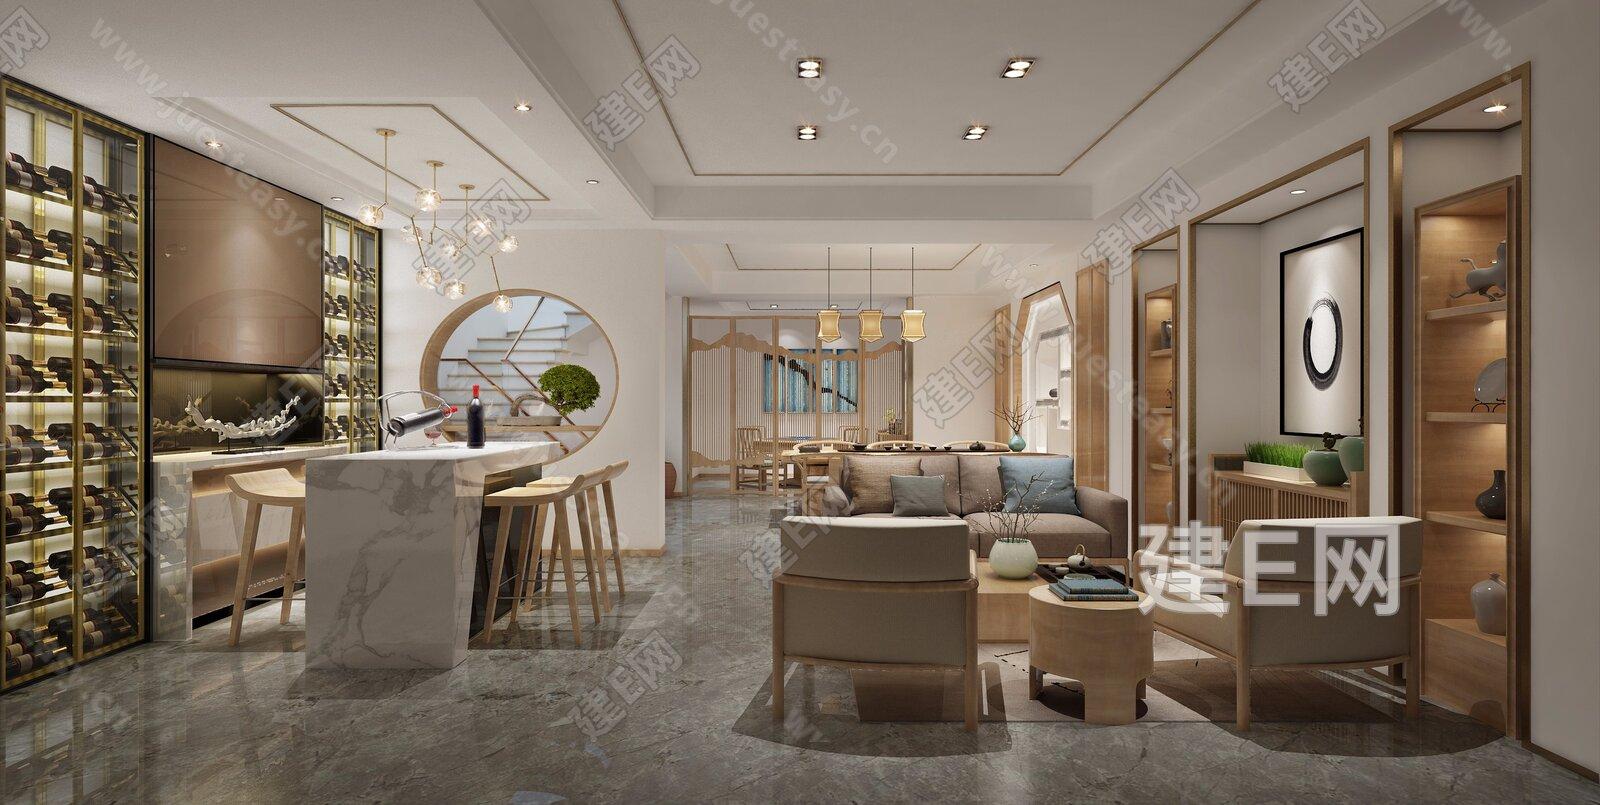 新中式客厅茶室水吧台[模型id:185761]